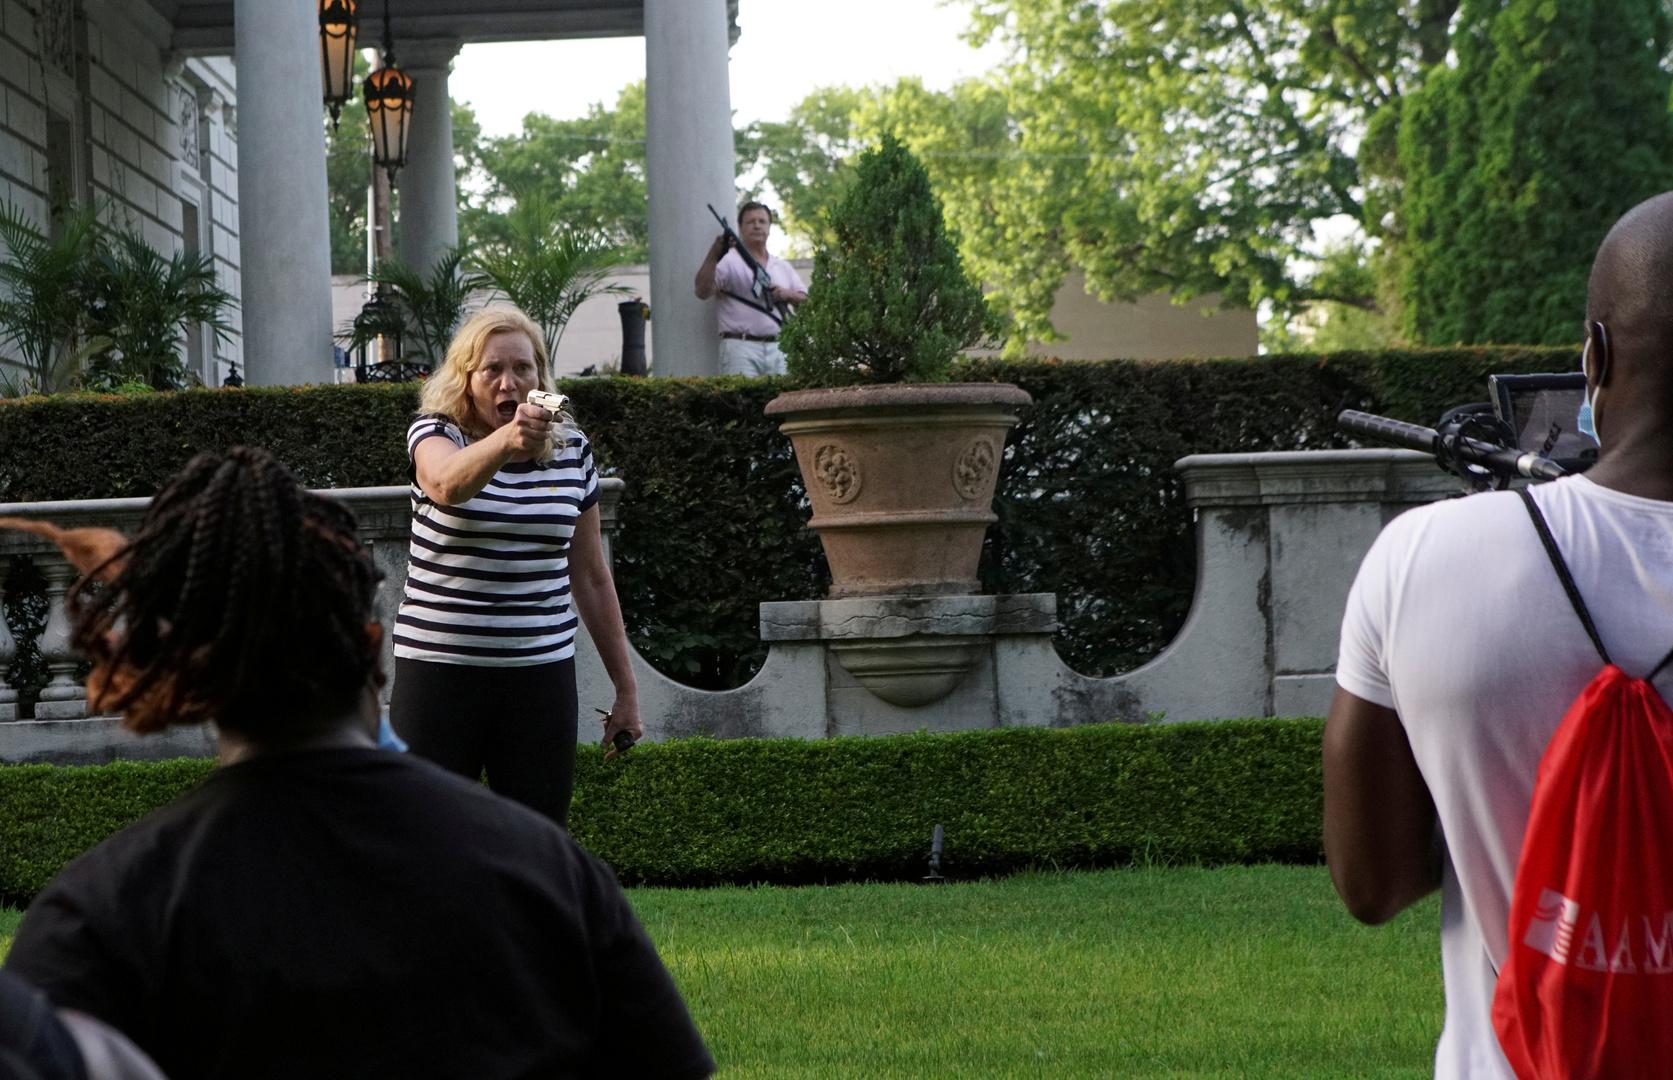 زوجا سانت لويس اللذان هددا محتجي BLM بالسلاح يعترفان بالتهم الموجهة لهما